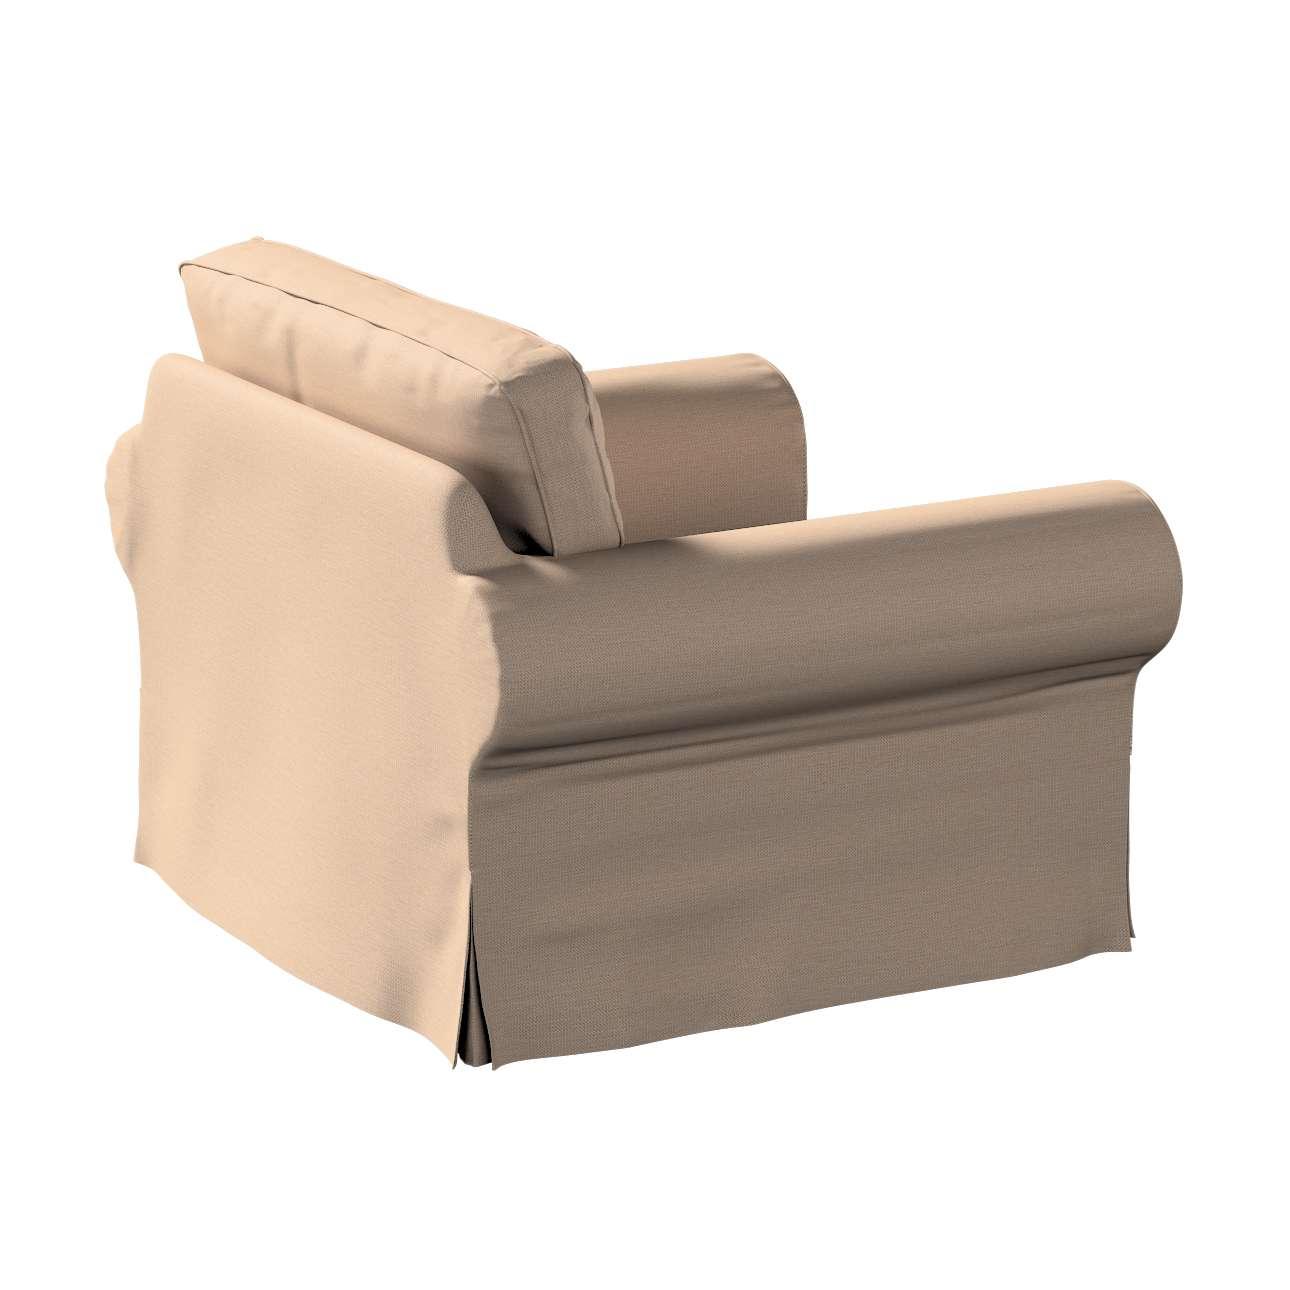 Bezug für Ektorp Sessel von der Kollektion Bergen, Stoff: 161-75